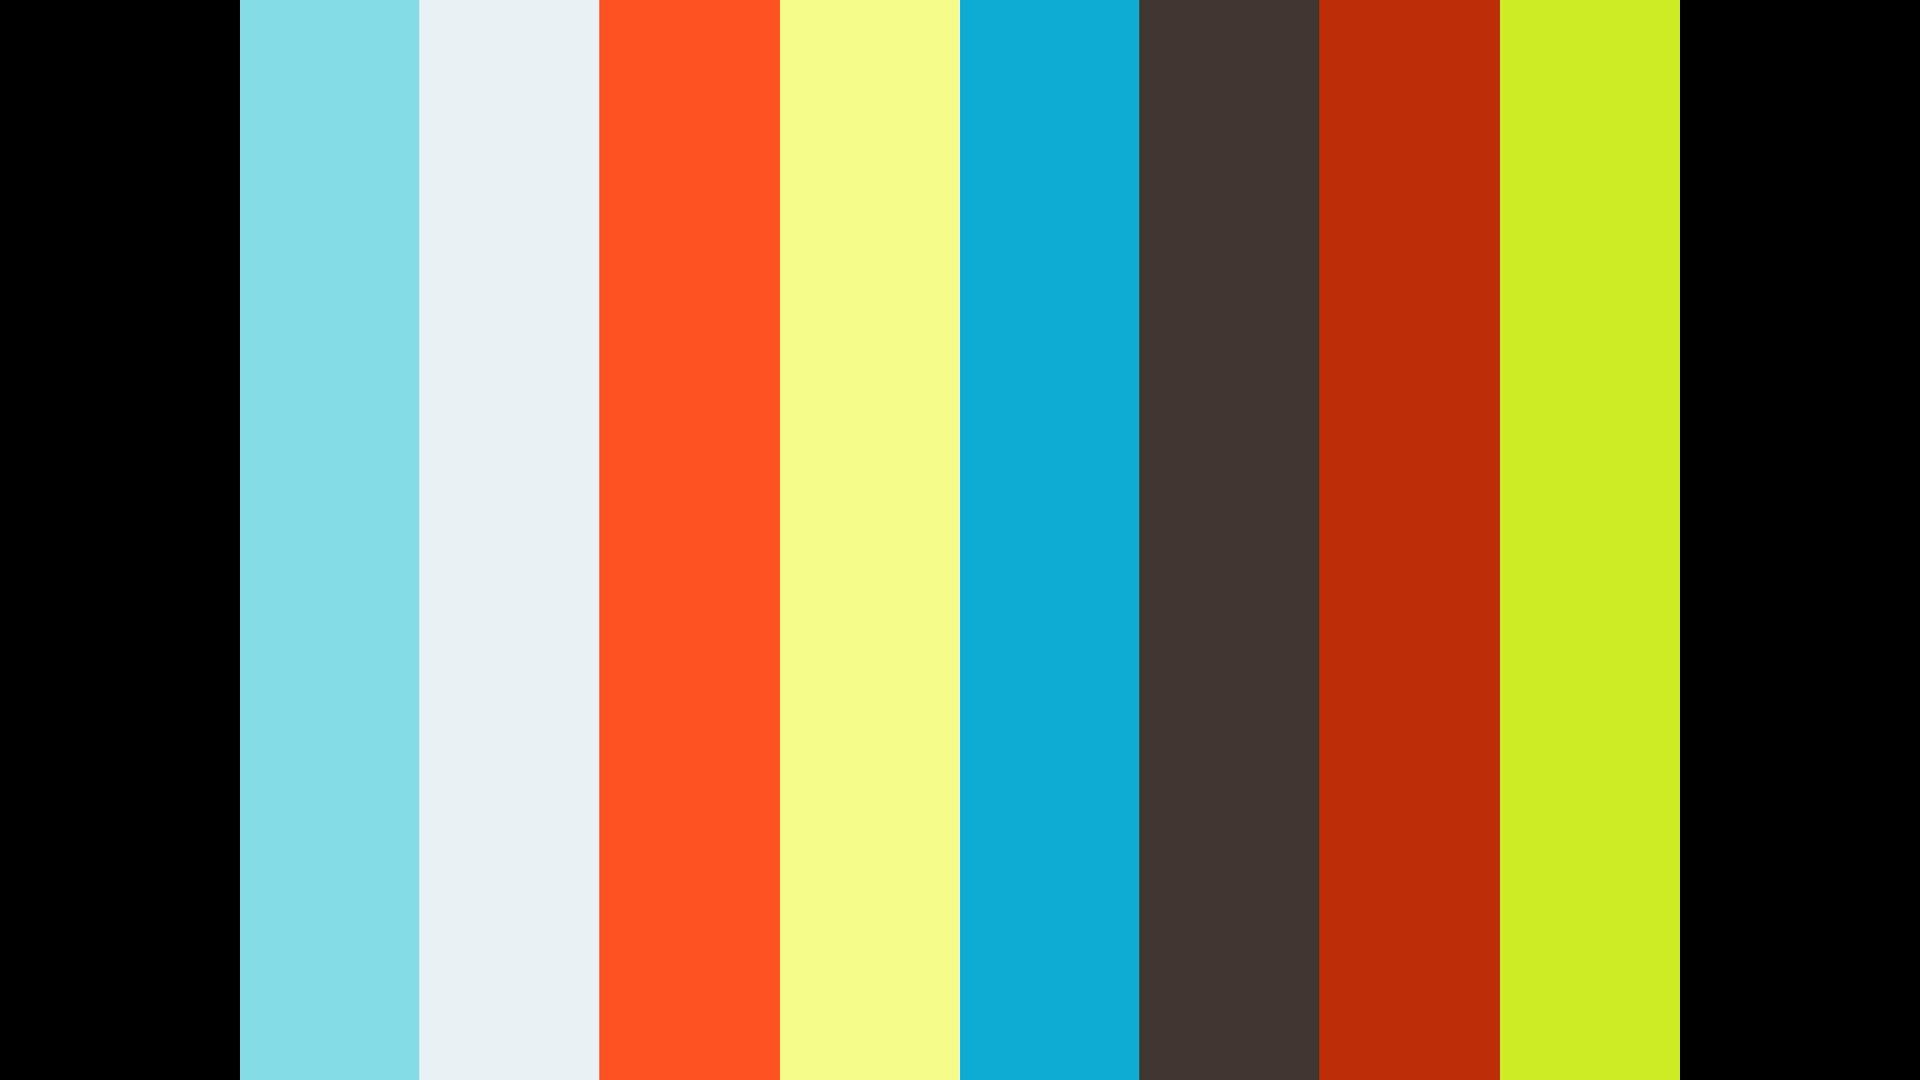 <p><u>Schlafzimmer-Programm Cesio</u><br /> Moderne Eleganz trifft auf Nat&uuml;rlichkeit! Dieses Programm zeigt wie sch&ouml;n Eiche sein kann - Champagnerfarbigen Fronten kombiniert mit ausdrucksstarker Eiche. Die LED-Beleuchtung schafft ein wohnliches Ambiente und die gro&szlig;e Auswahl an Schrankinneneinteilungen und Ordnungssystemen erf&uuml;llt individuelle Gestaltungsw&uuml;nsche.</p>